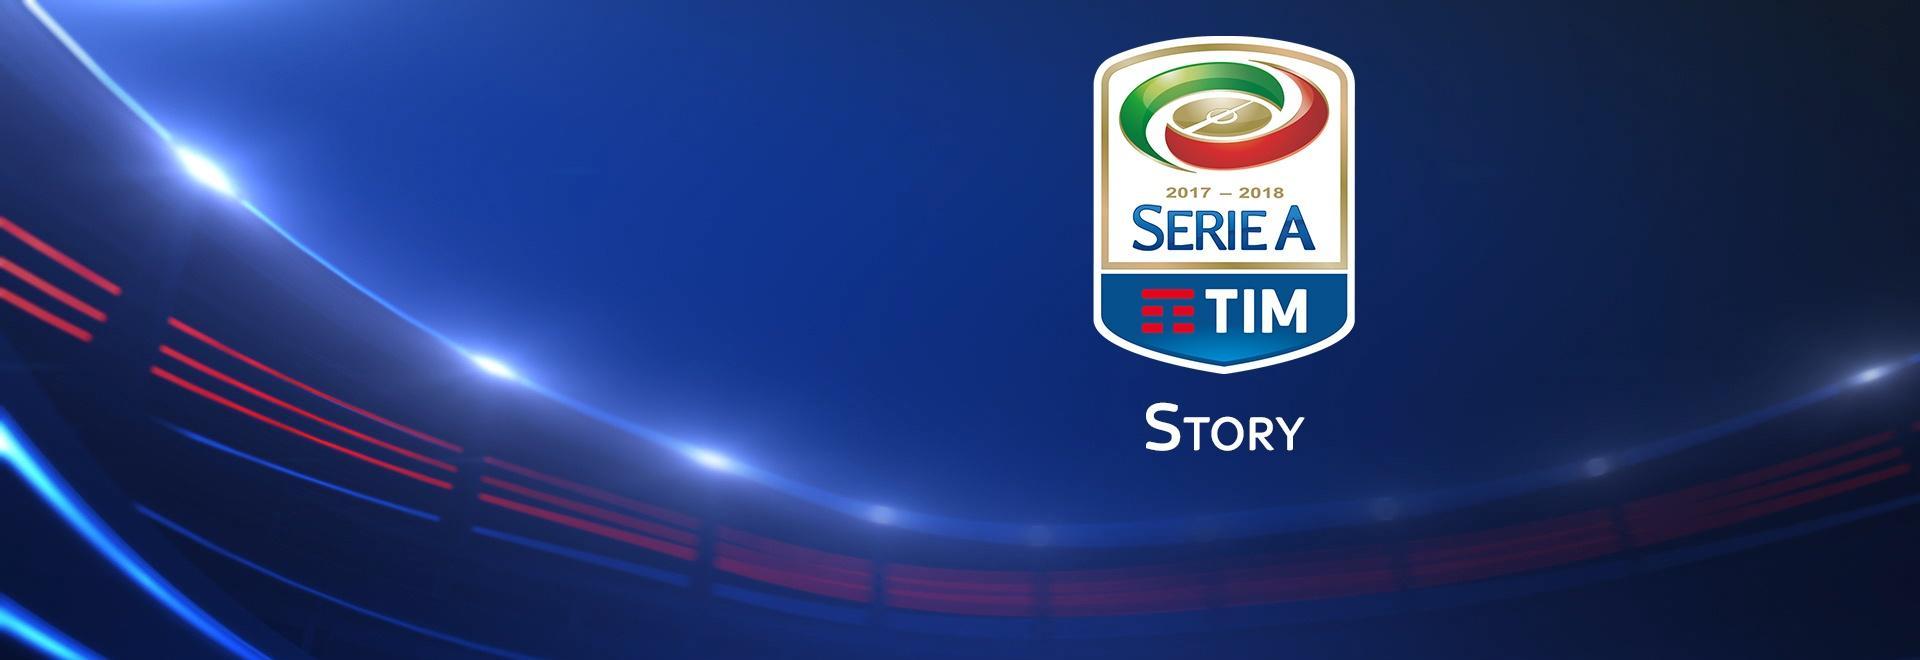 Inter - Juventus 18/09/16. Posticipo 4a giornata